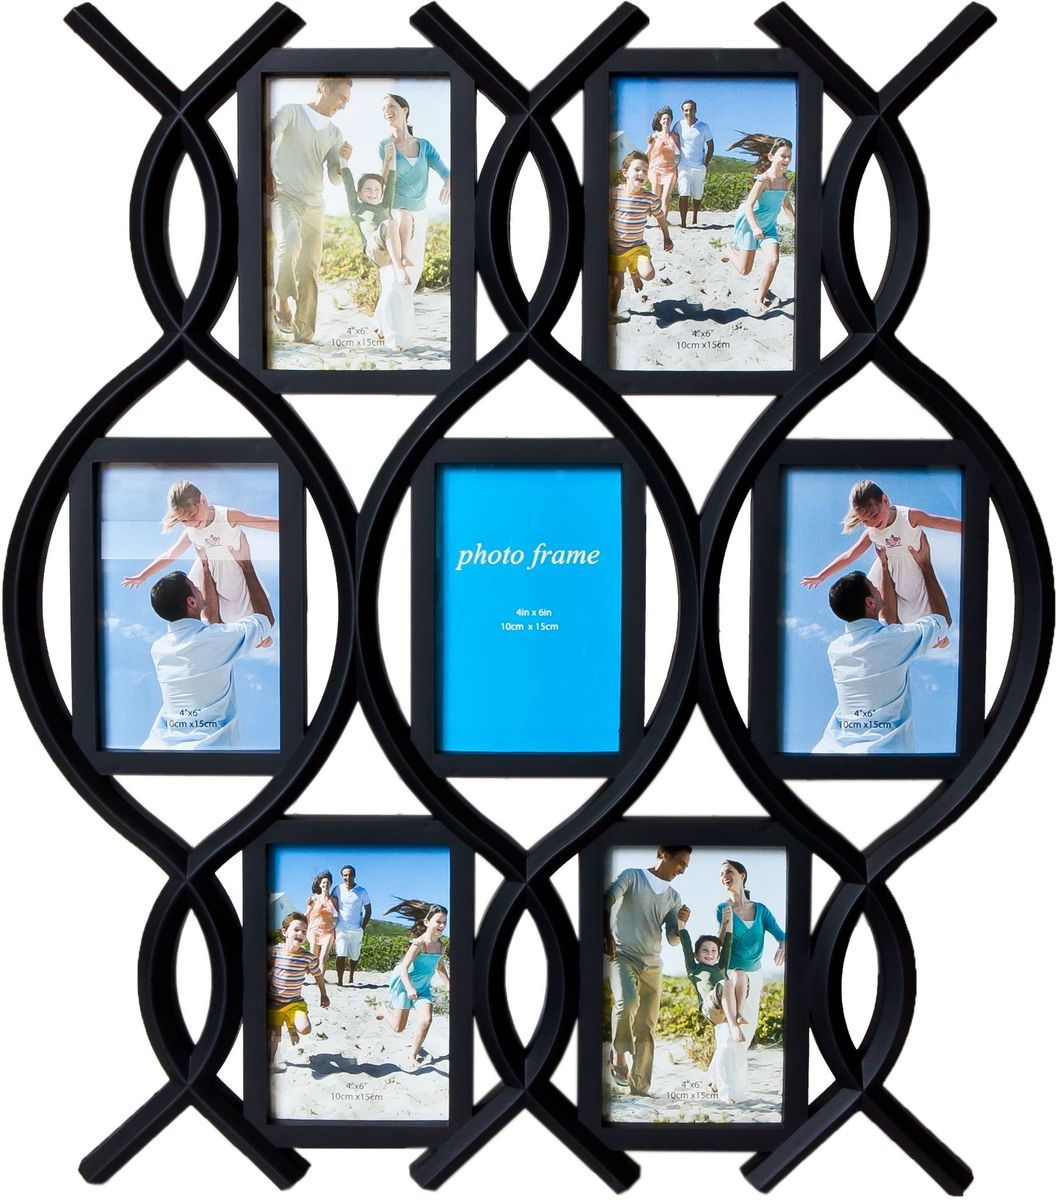 Фоторамка Platinum, цвет: черный, на 7 фото 10 х 15 см. BH-140728907 4Фоторамка Platinum - прекрасный способ красиво оформить ваши фотографии. Фоторамка выполнена из пластика и защищена стеклом. Фоторамка-коллаж представляет собой семь фоторамок для фото одного размера оригинально соединенных между собой. Такая фоторамка поможет сохранить в памяти самые яркие моменты вашей жизни, а стильный дизайн сделает ее прекрасным дополнением интерьера комнаты. Фоторамка подходит для фотографий 10 х 15 см.Общий размер фоторамки: 51 х 58 см.